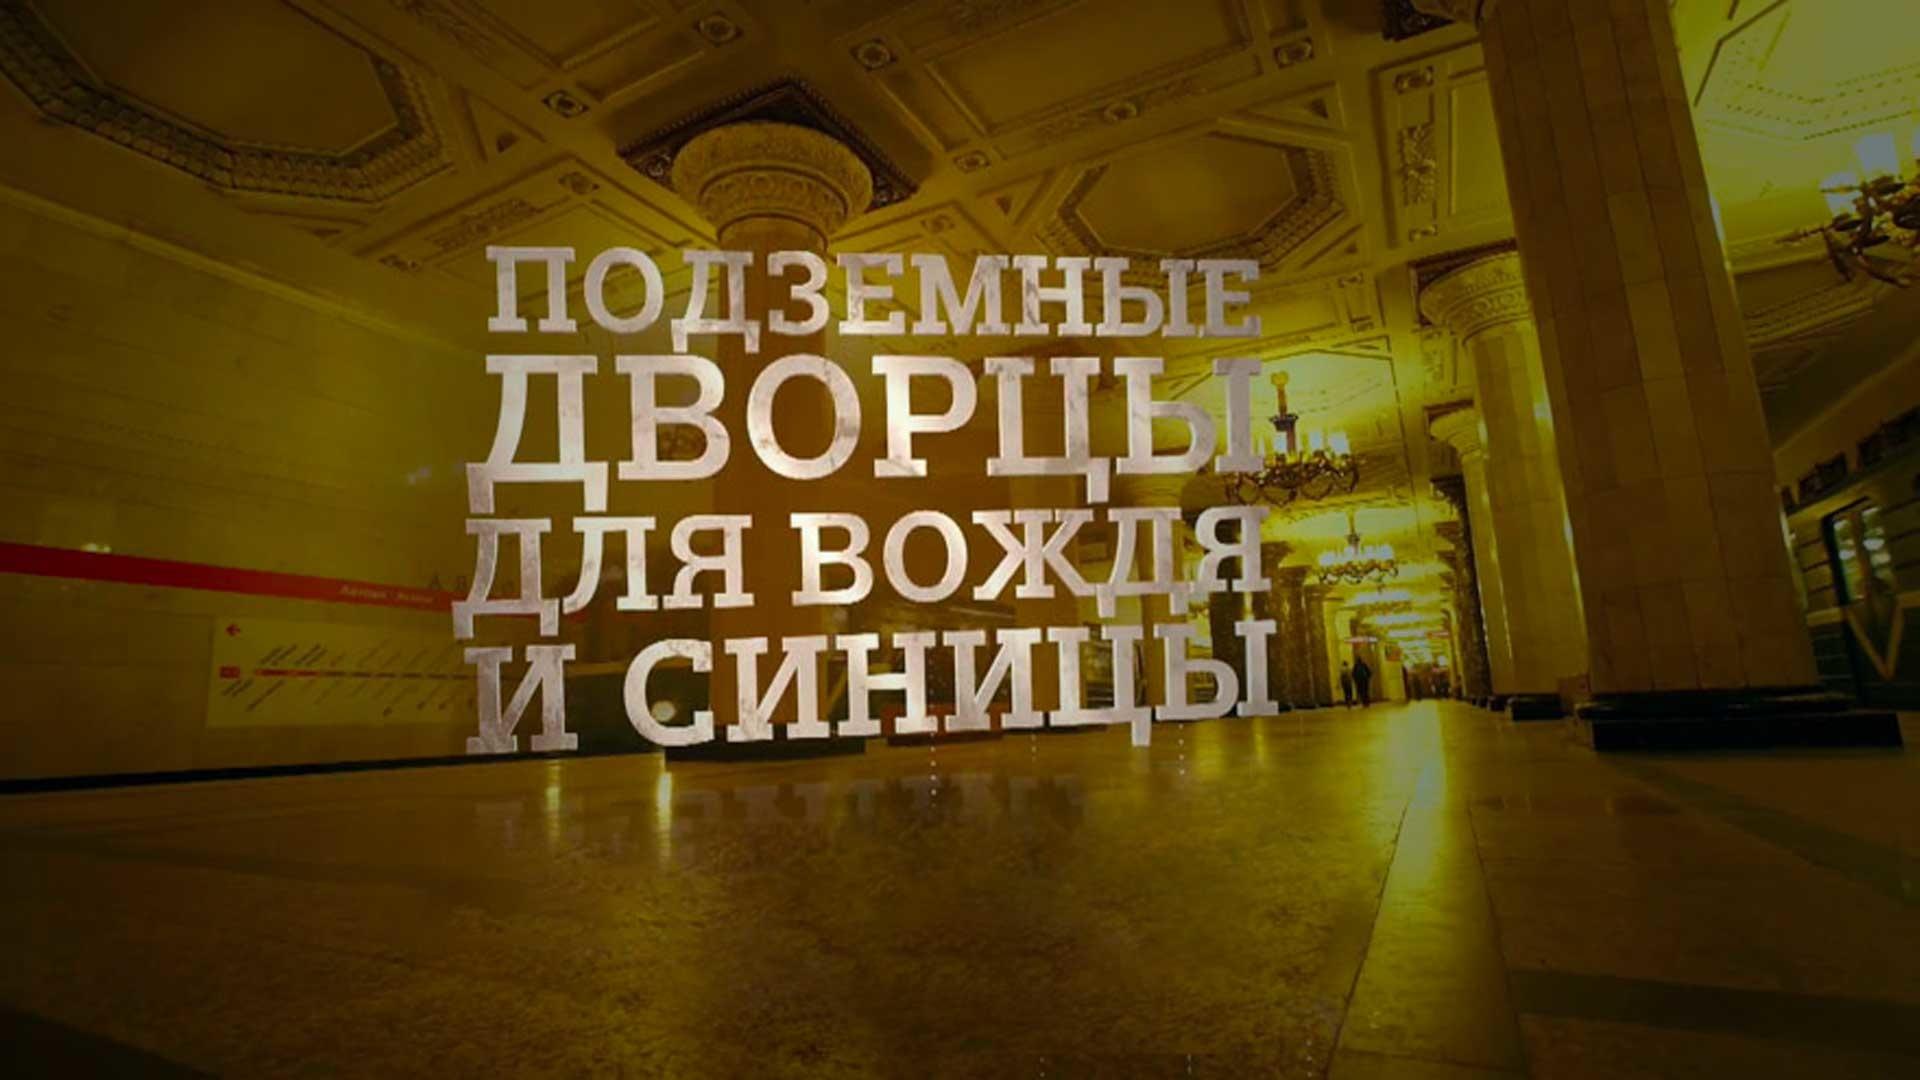 Подземные дворцы для вождя и синицы